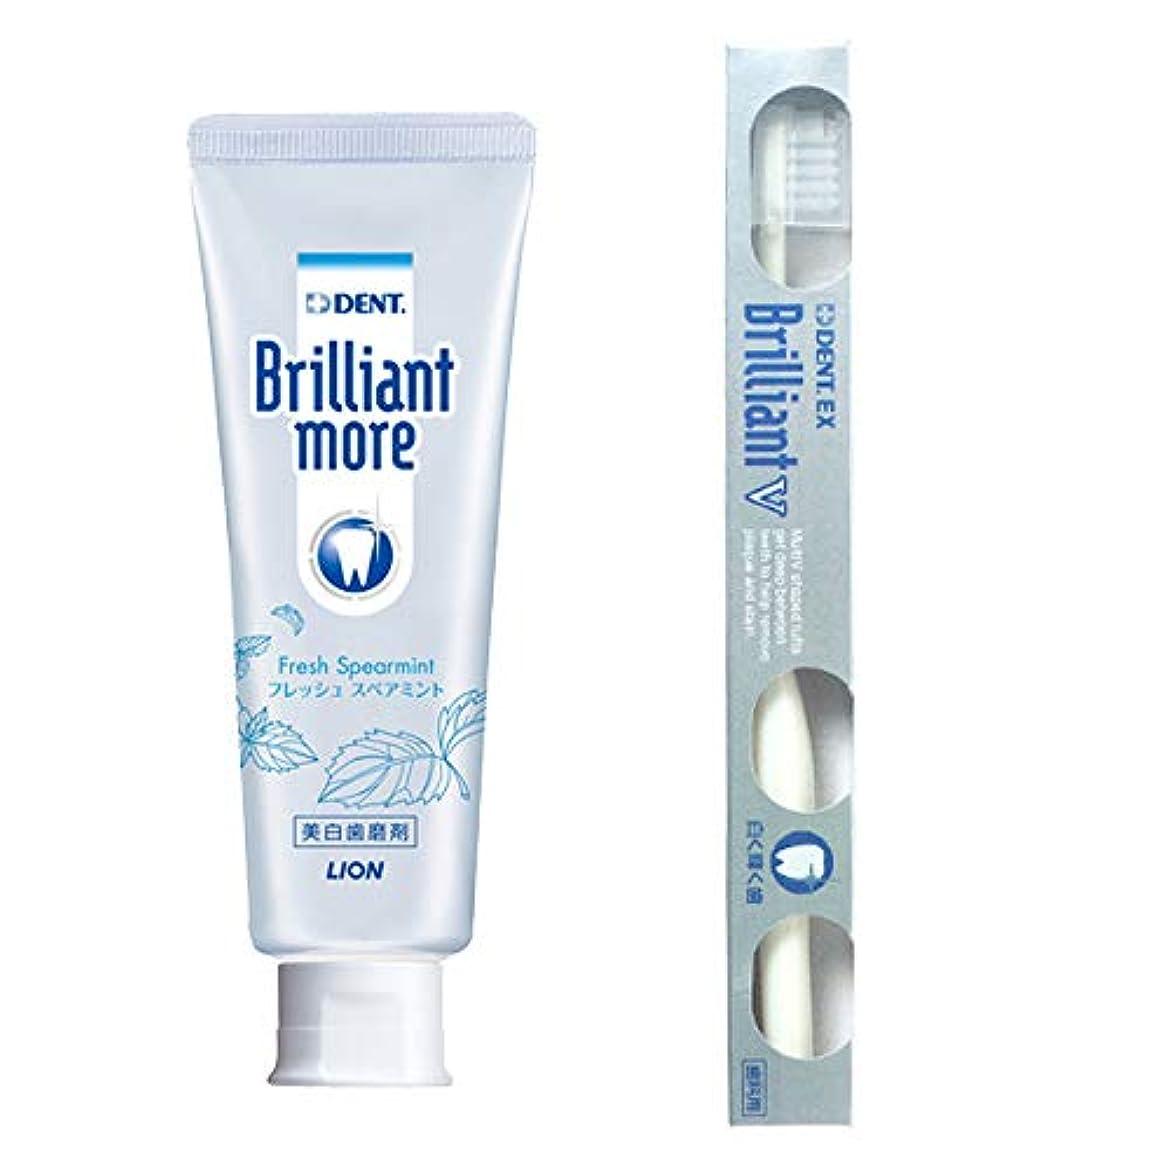 プレフィックスポケットプラットフォームライオン ブリリアントモア 歯科用 美白歯磨剤 (フレッシュスペアミント) 90g×1本 + ブリリアントV 歯ブラシ (DENT.EXBrilliantV) 1本 ホワイトニング 歯科専売品